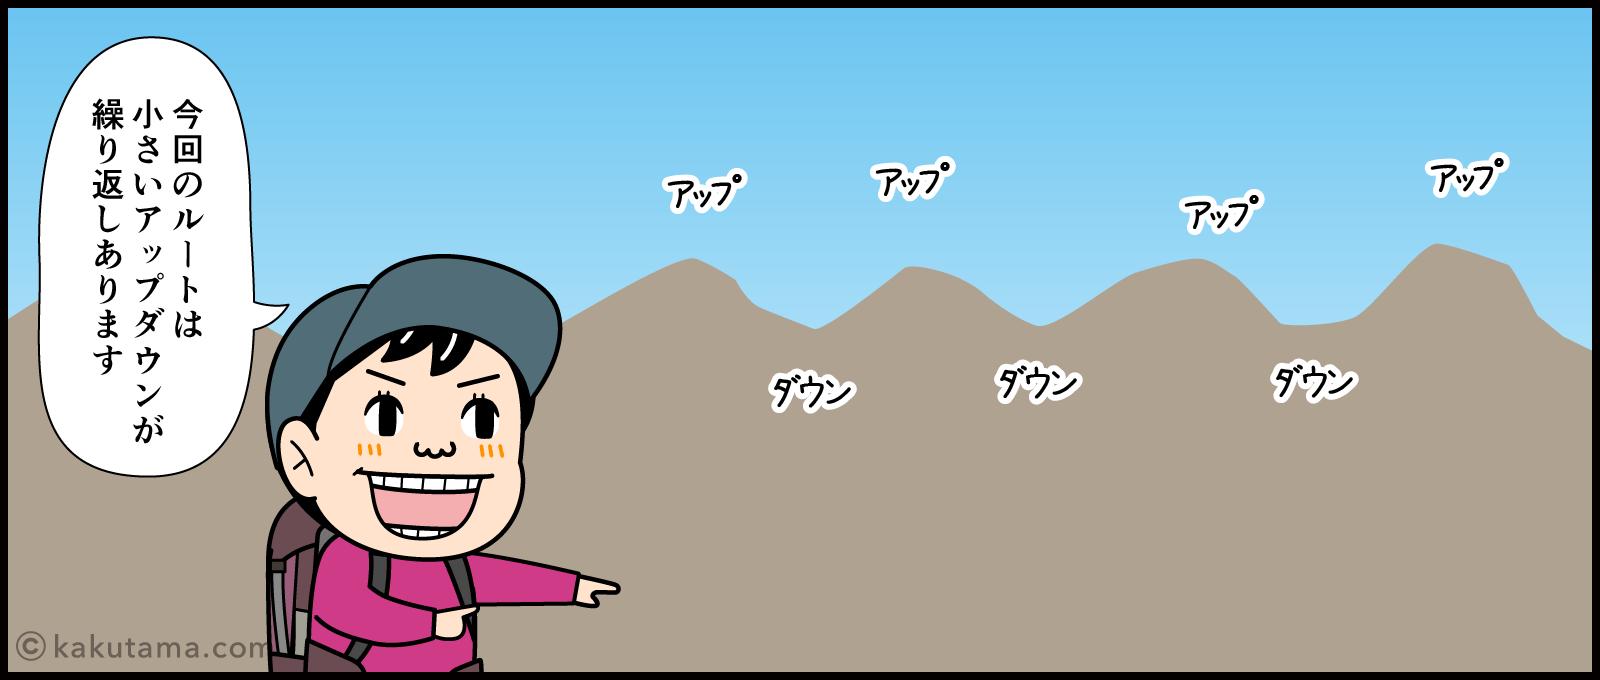 表銀座縦走コースを紹介する漫画